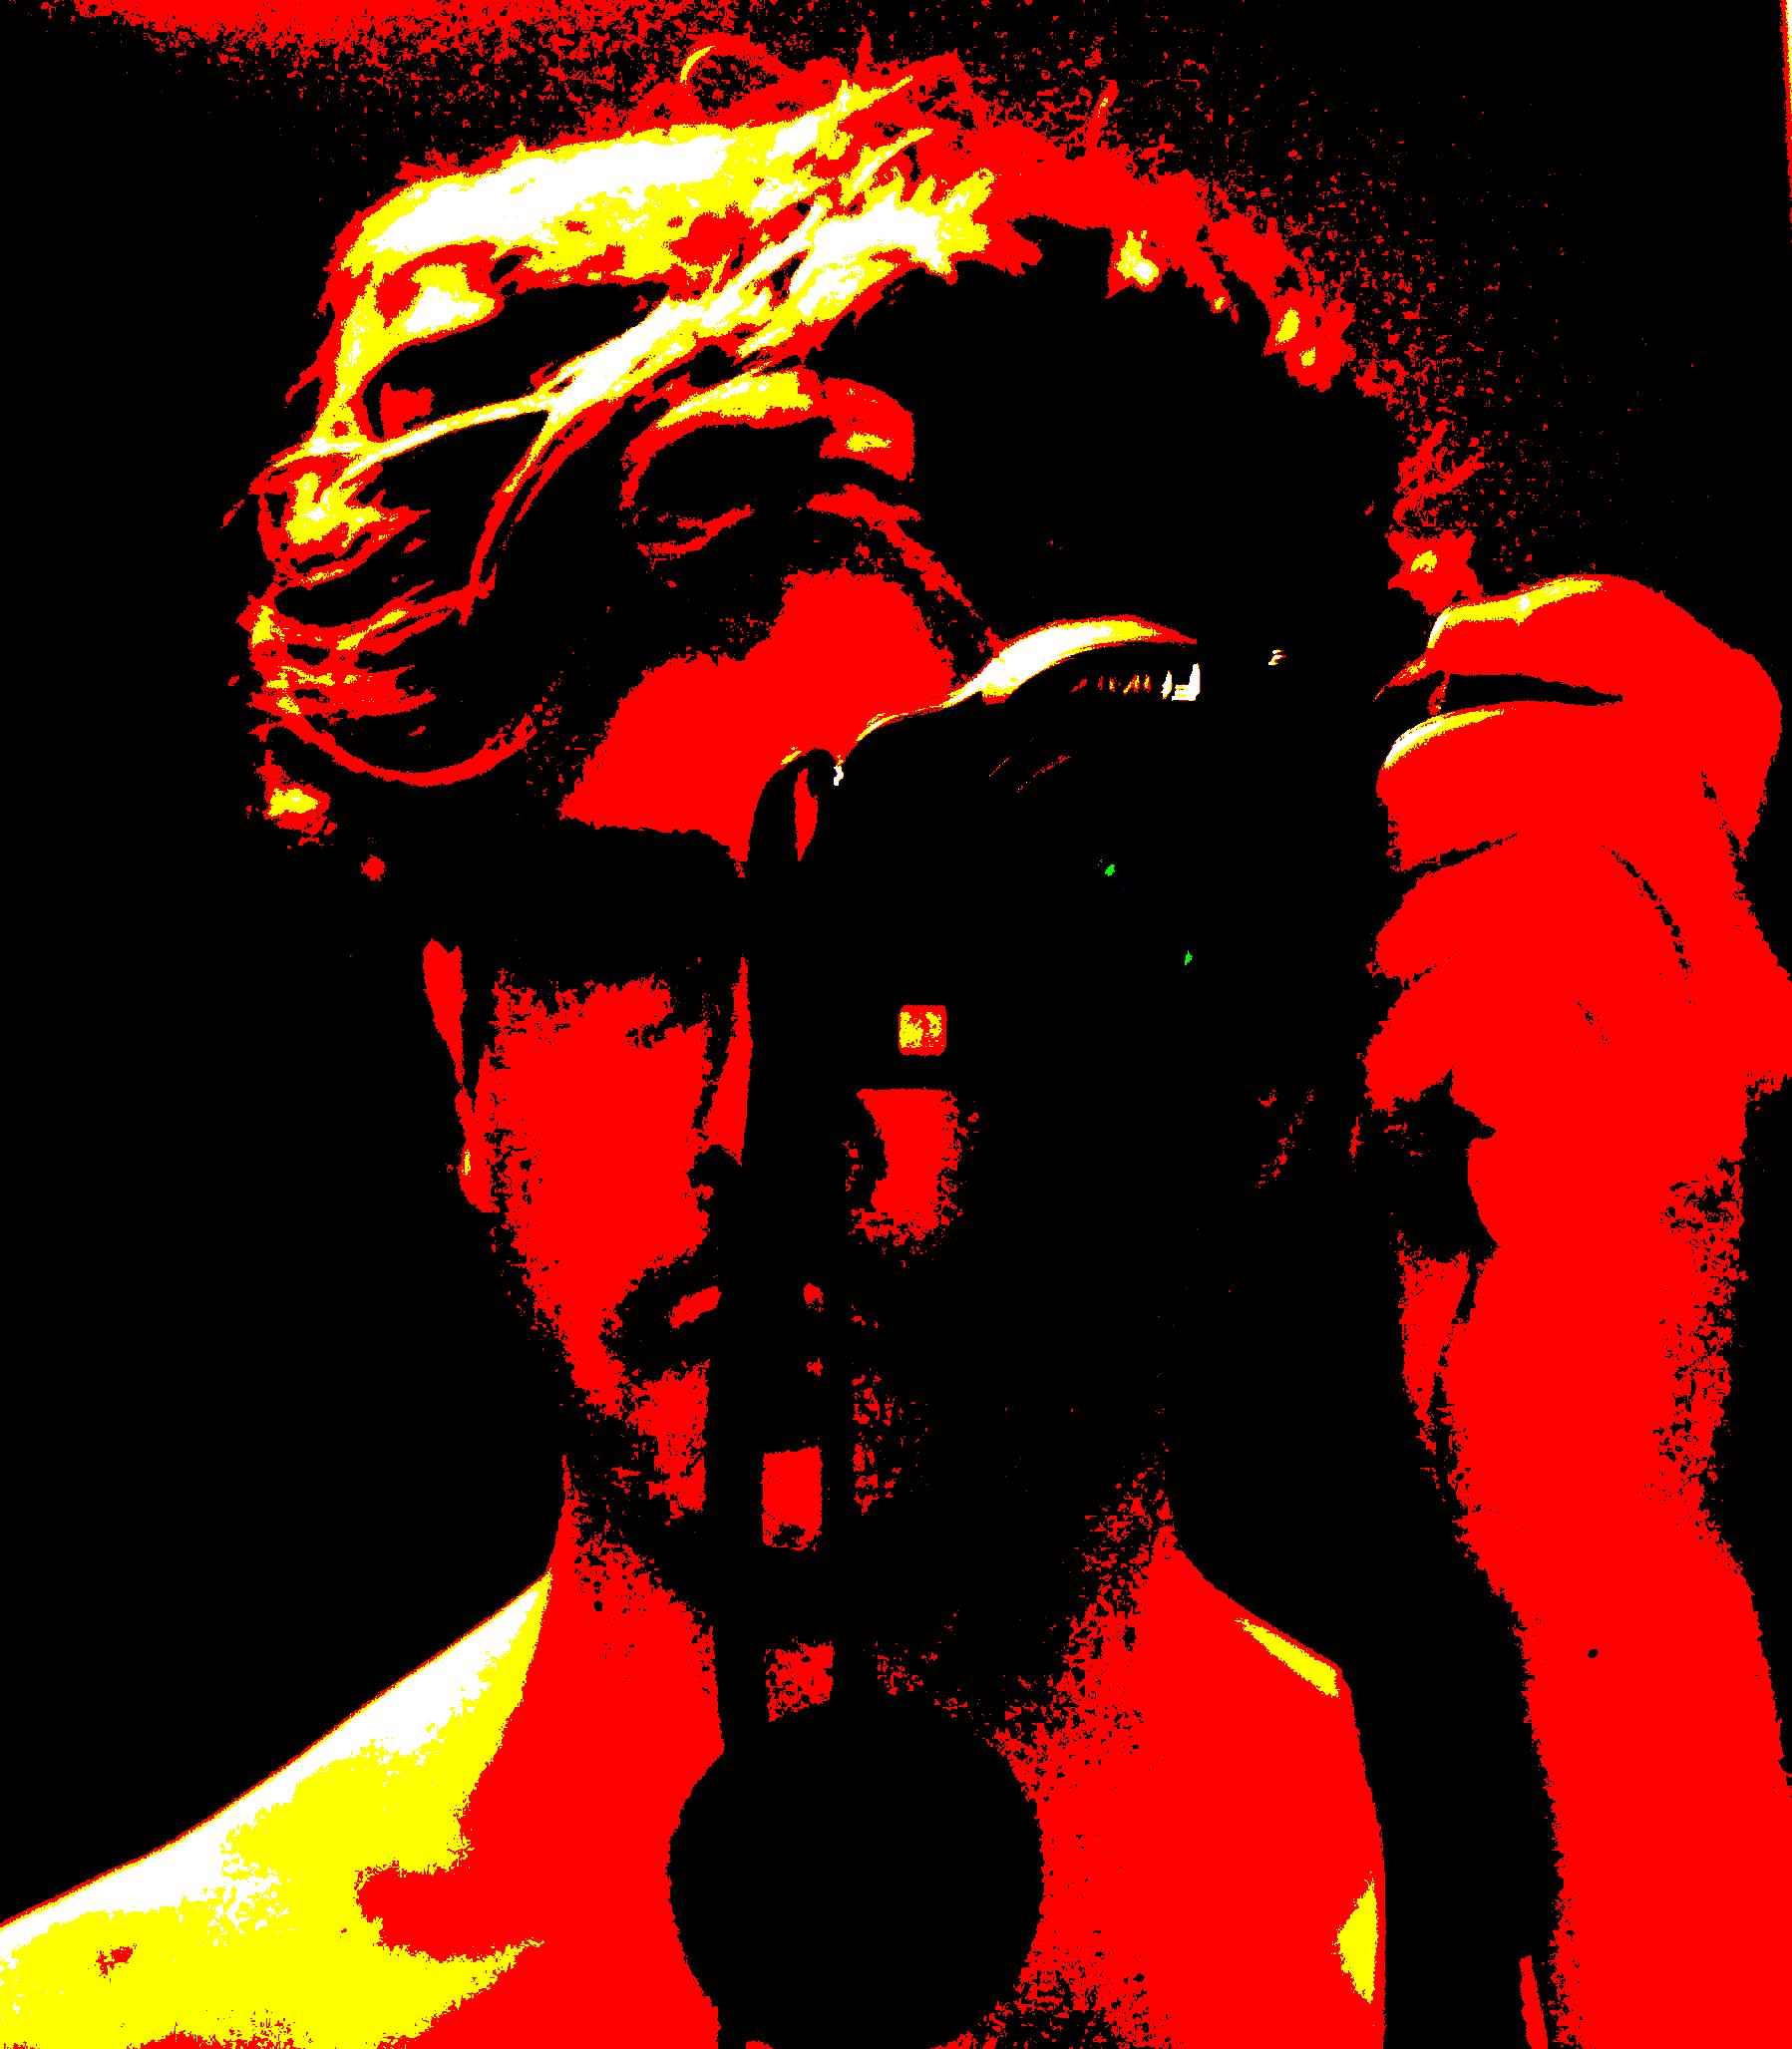 Vera Violent Poster Image